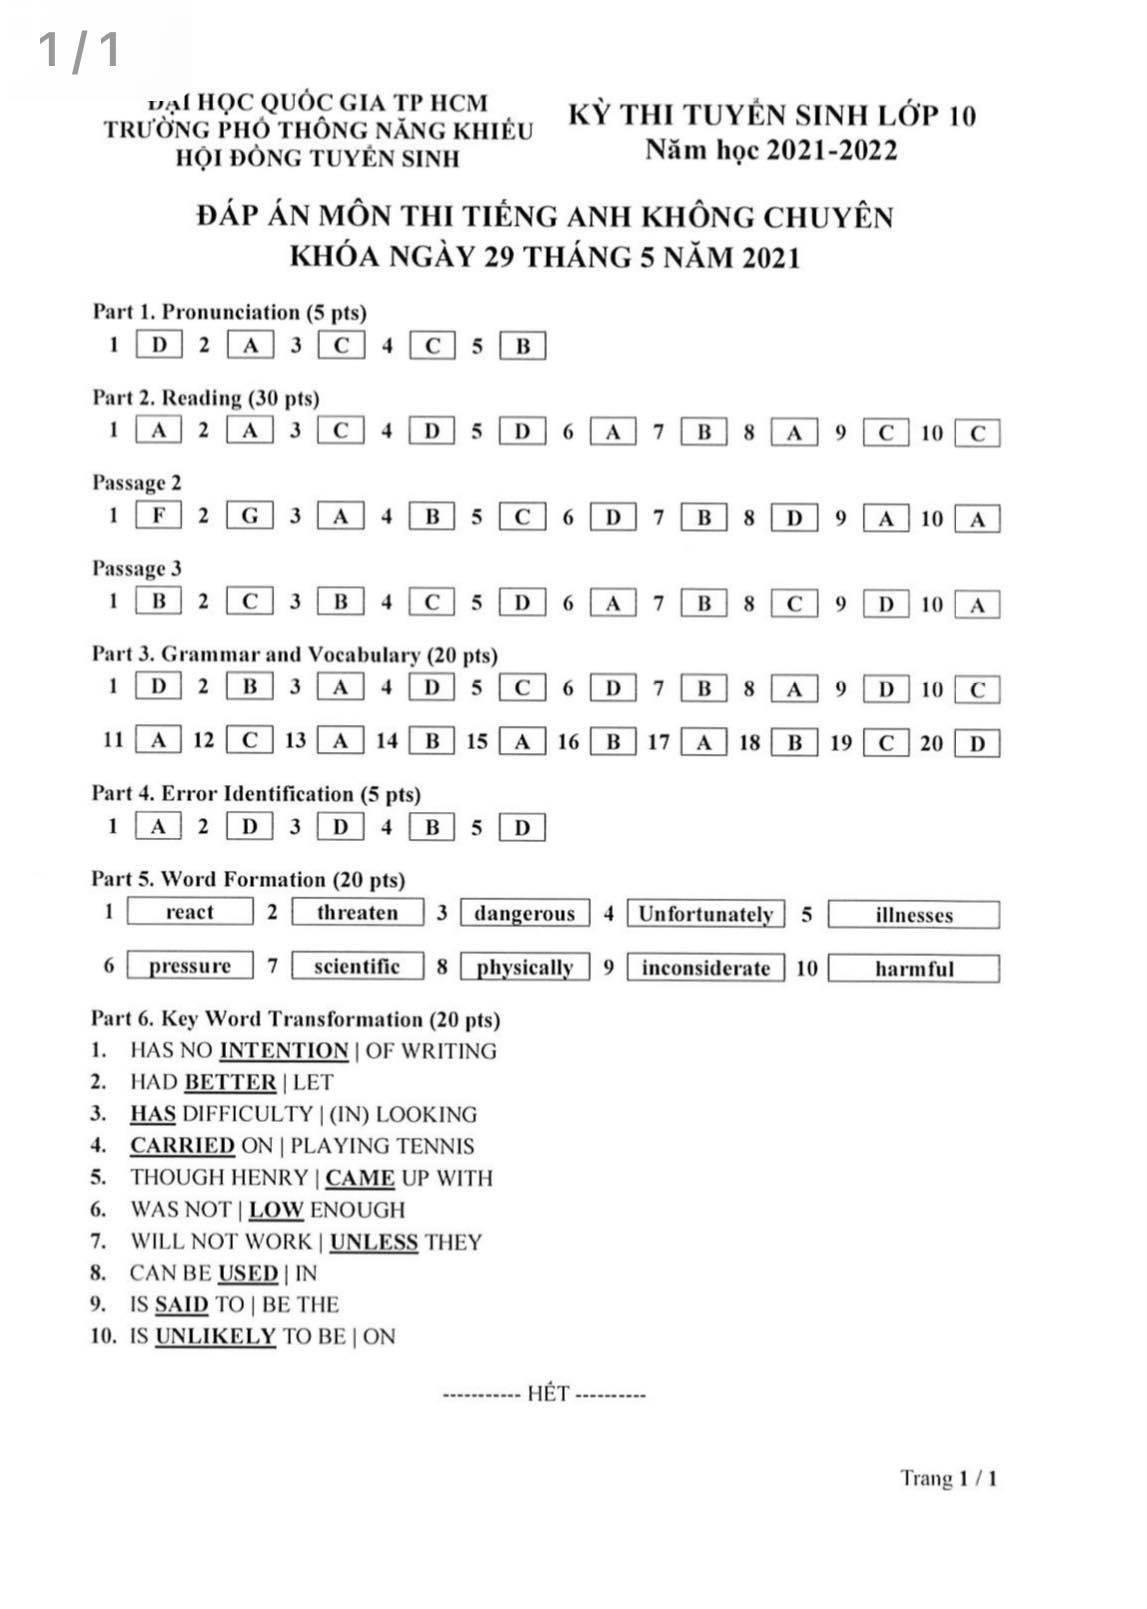 Đáp án môn Toán, Ngữ văn, tiếng Anh vào lớp 10 Trường PTNK